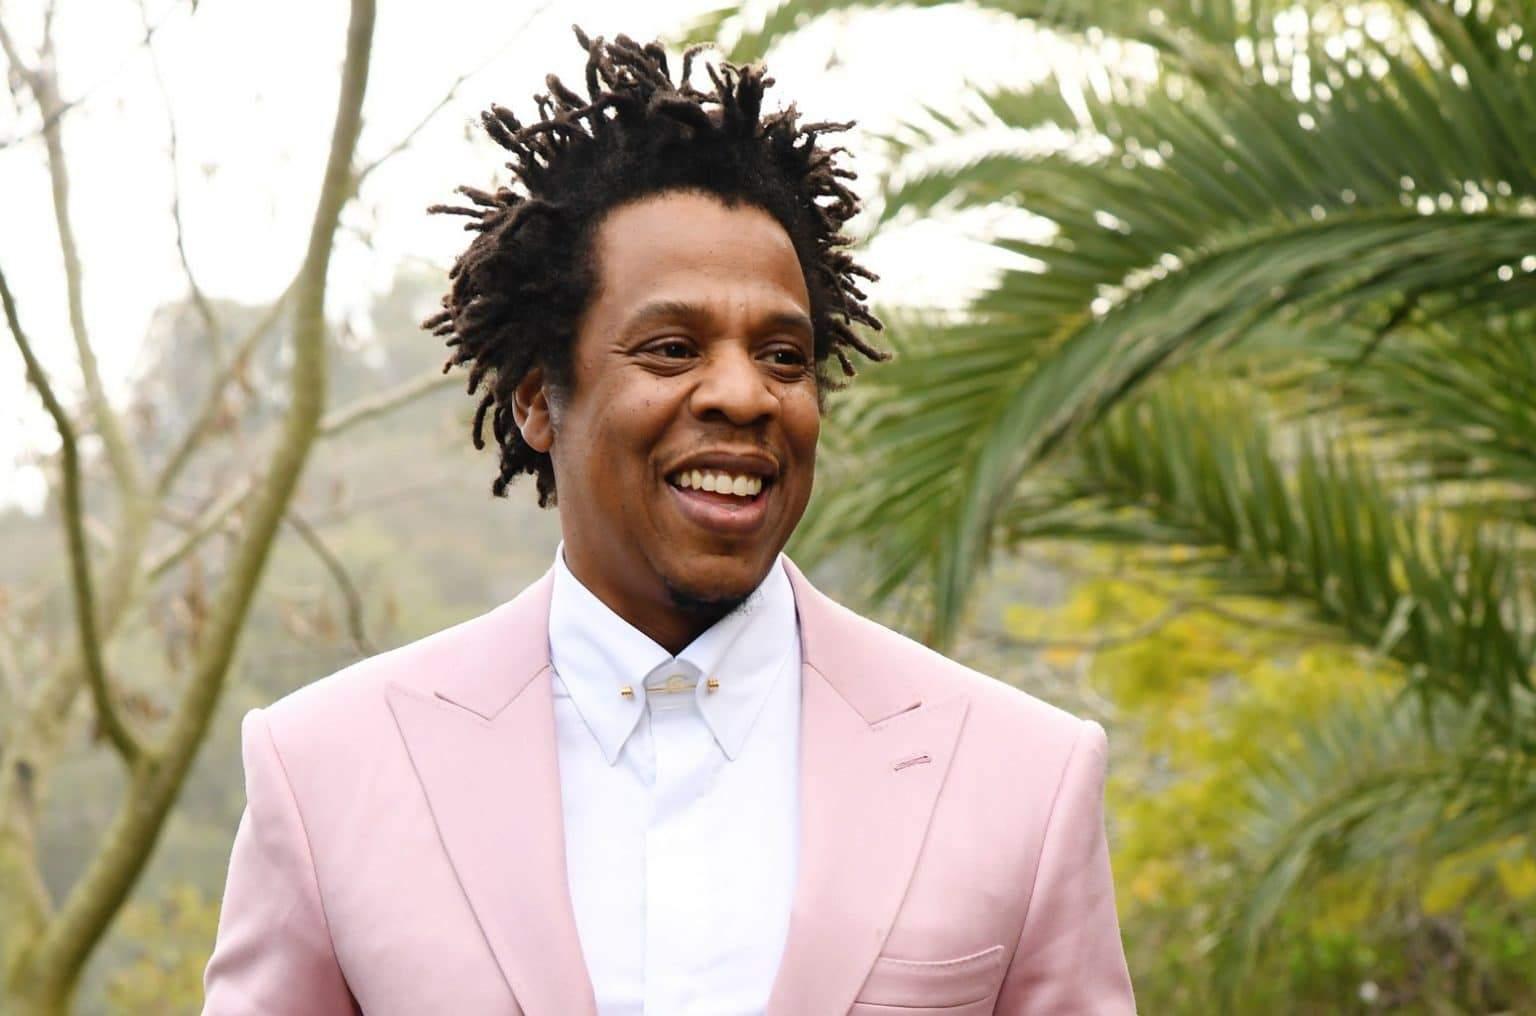 Gravadora abre processo contra NFT de um álbum do rapper Jay-Z - Olhar  Digital